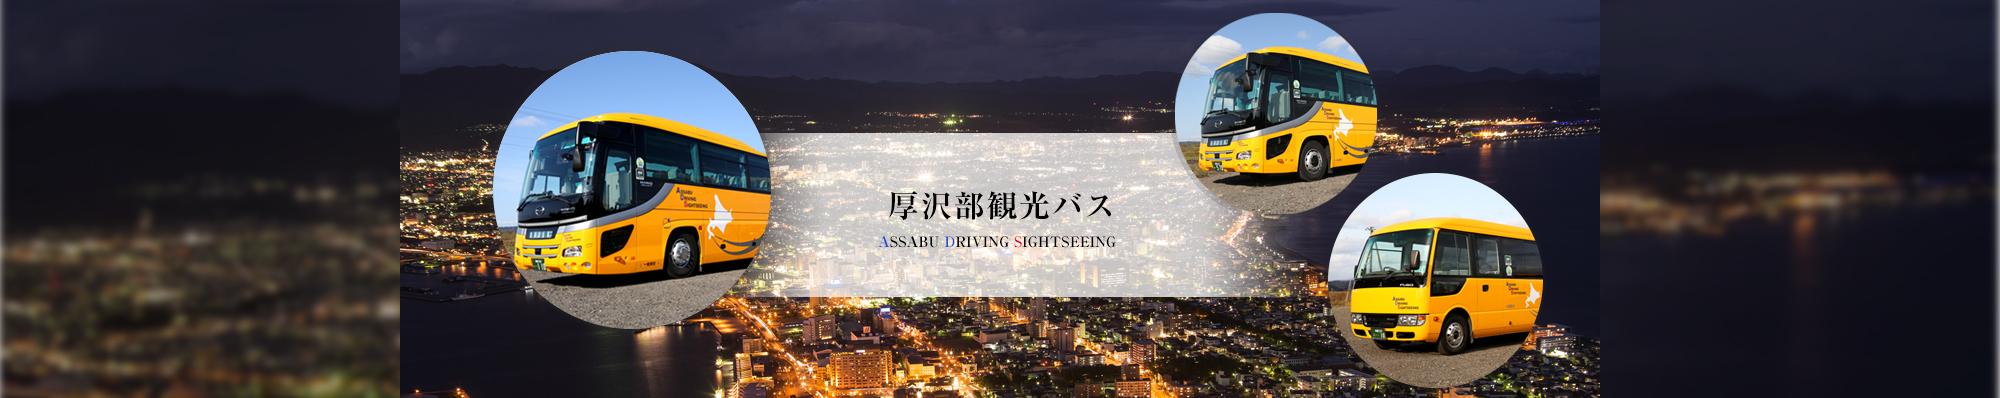 厚沢部観光バス(有限会社マルジュウ高田)